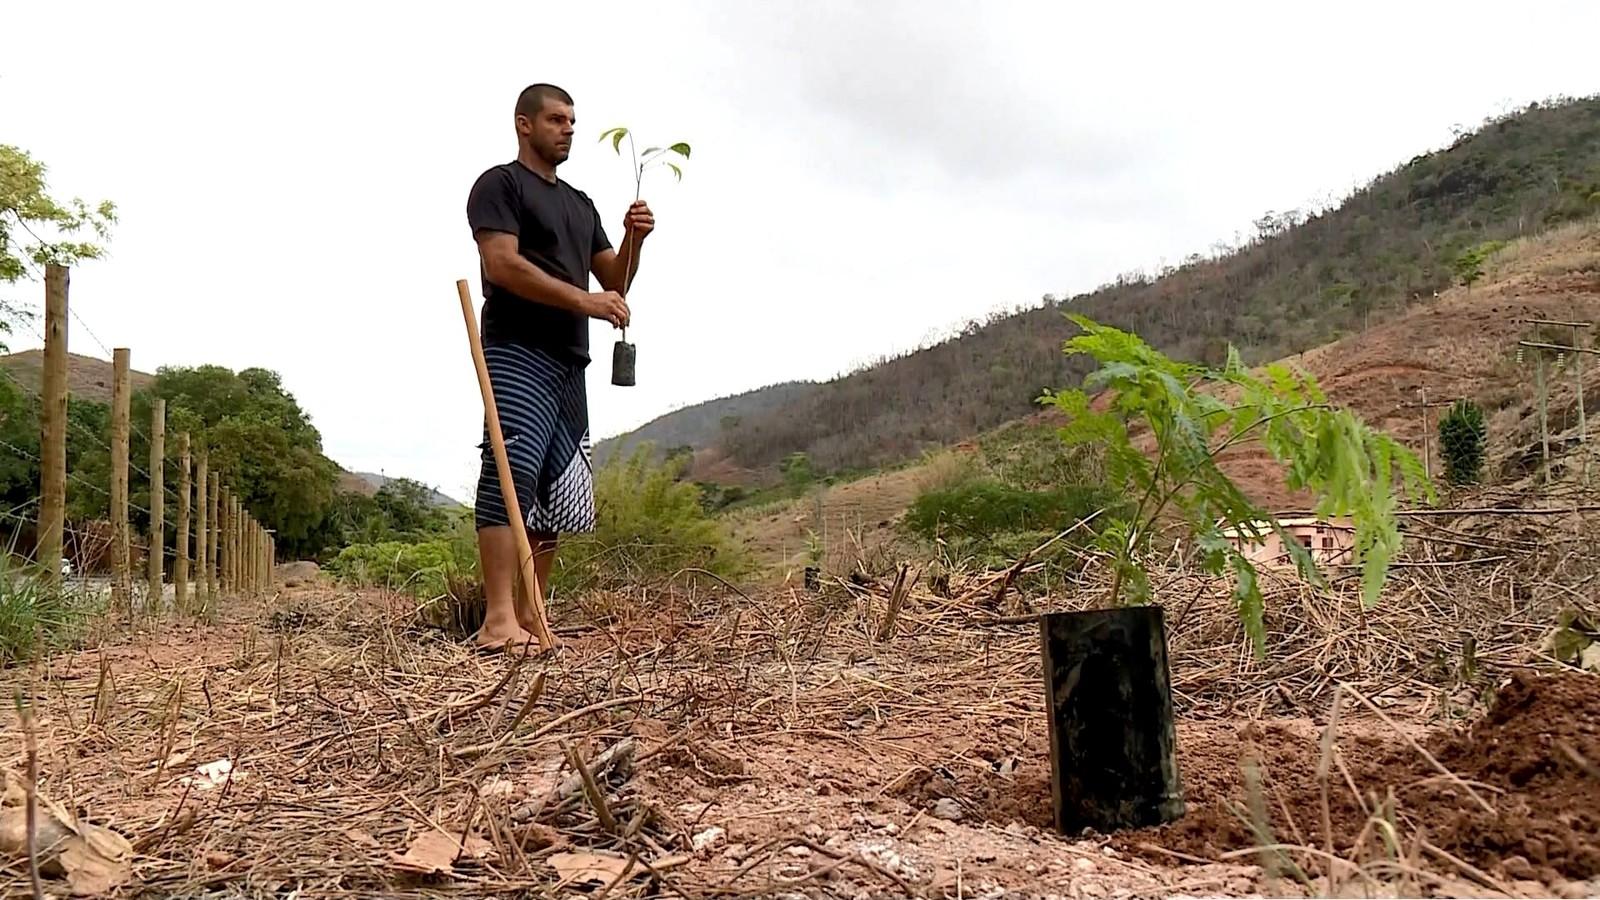 Projeto quer plantar mais de 23 mil mudas de árvores até 2020 em Santa Teresa, ES